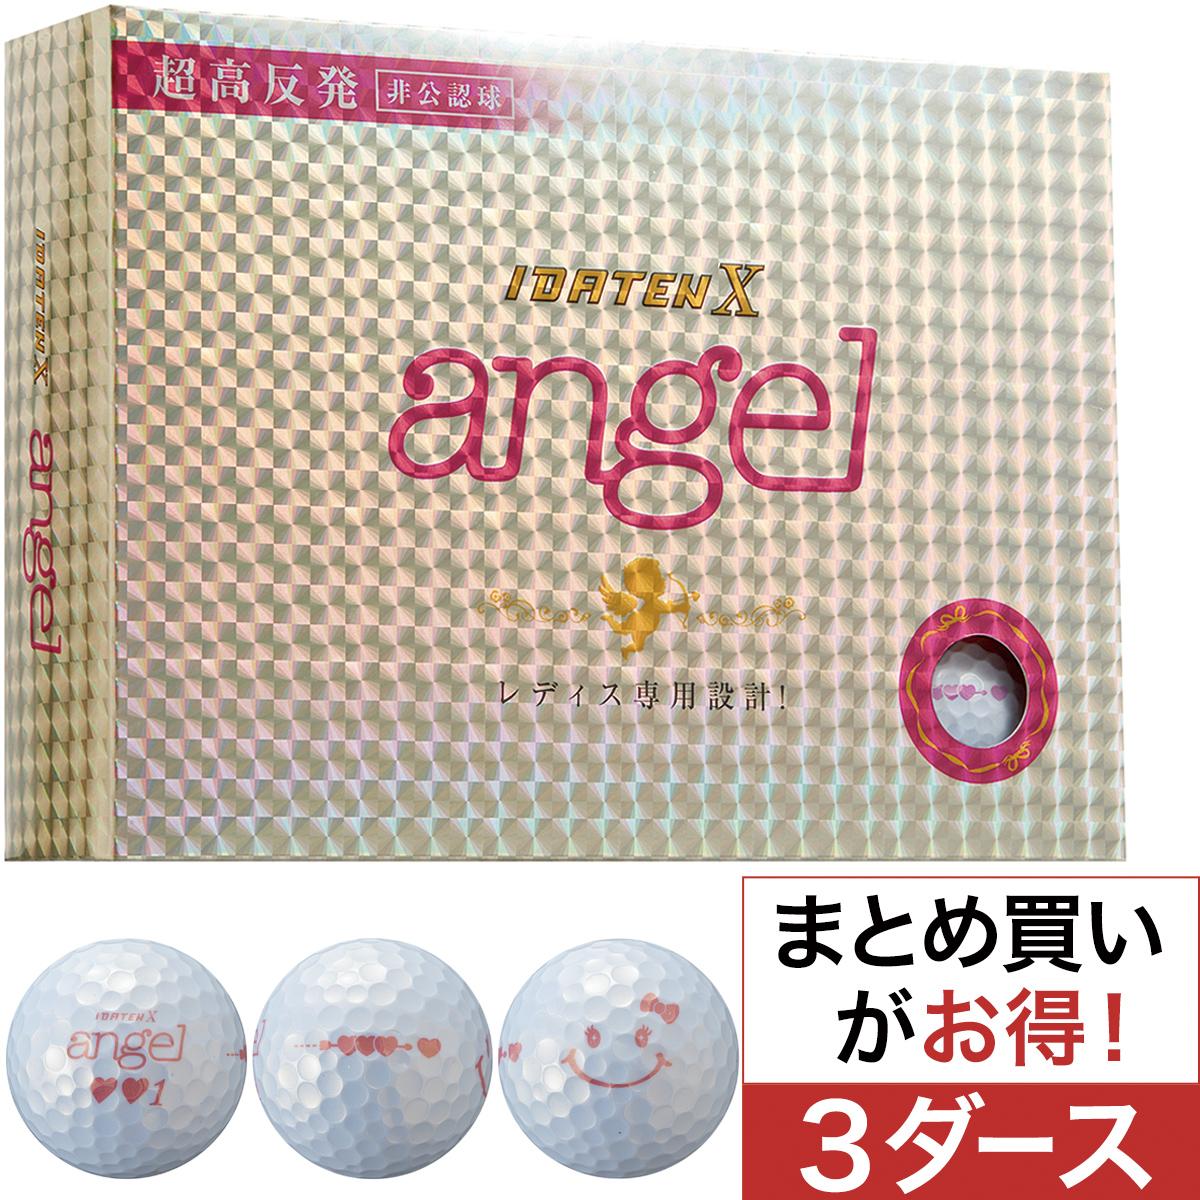 X angel ボール 3ダースセット【非公認球】レディス